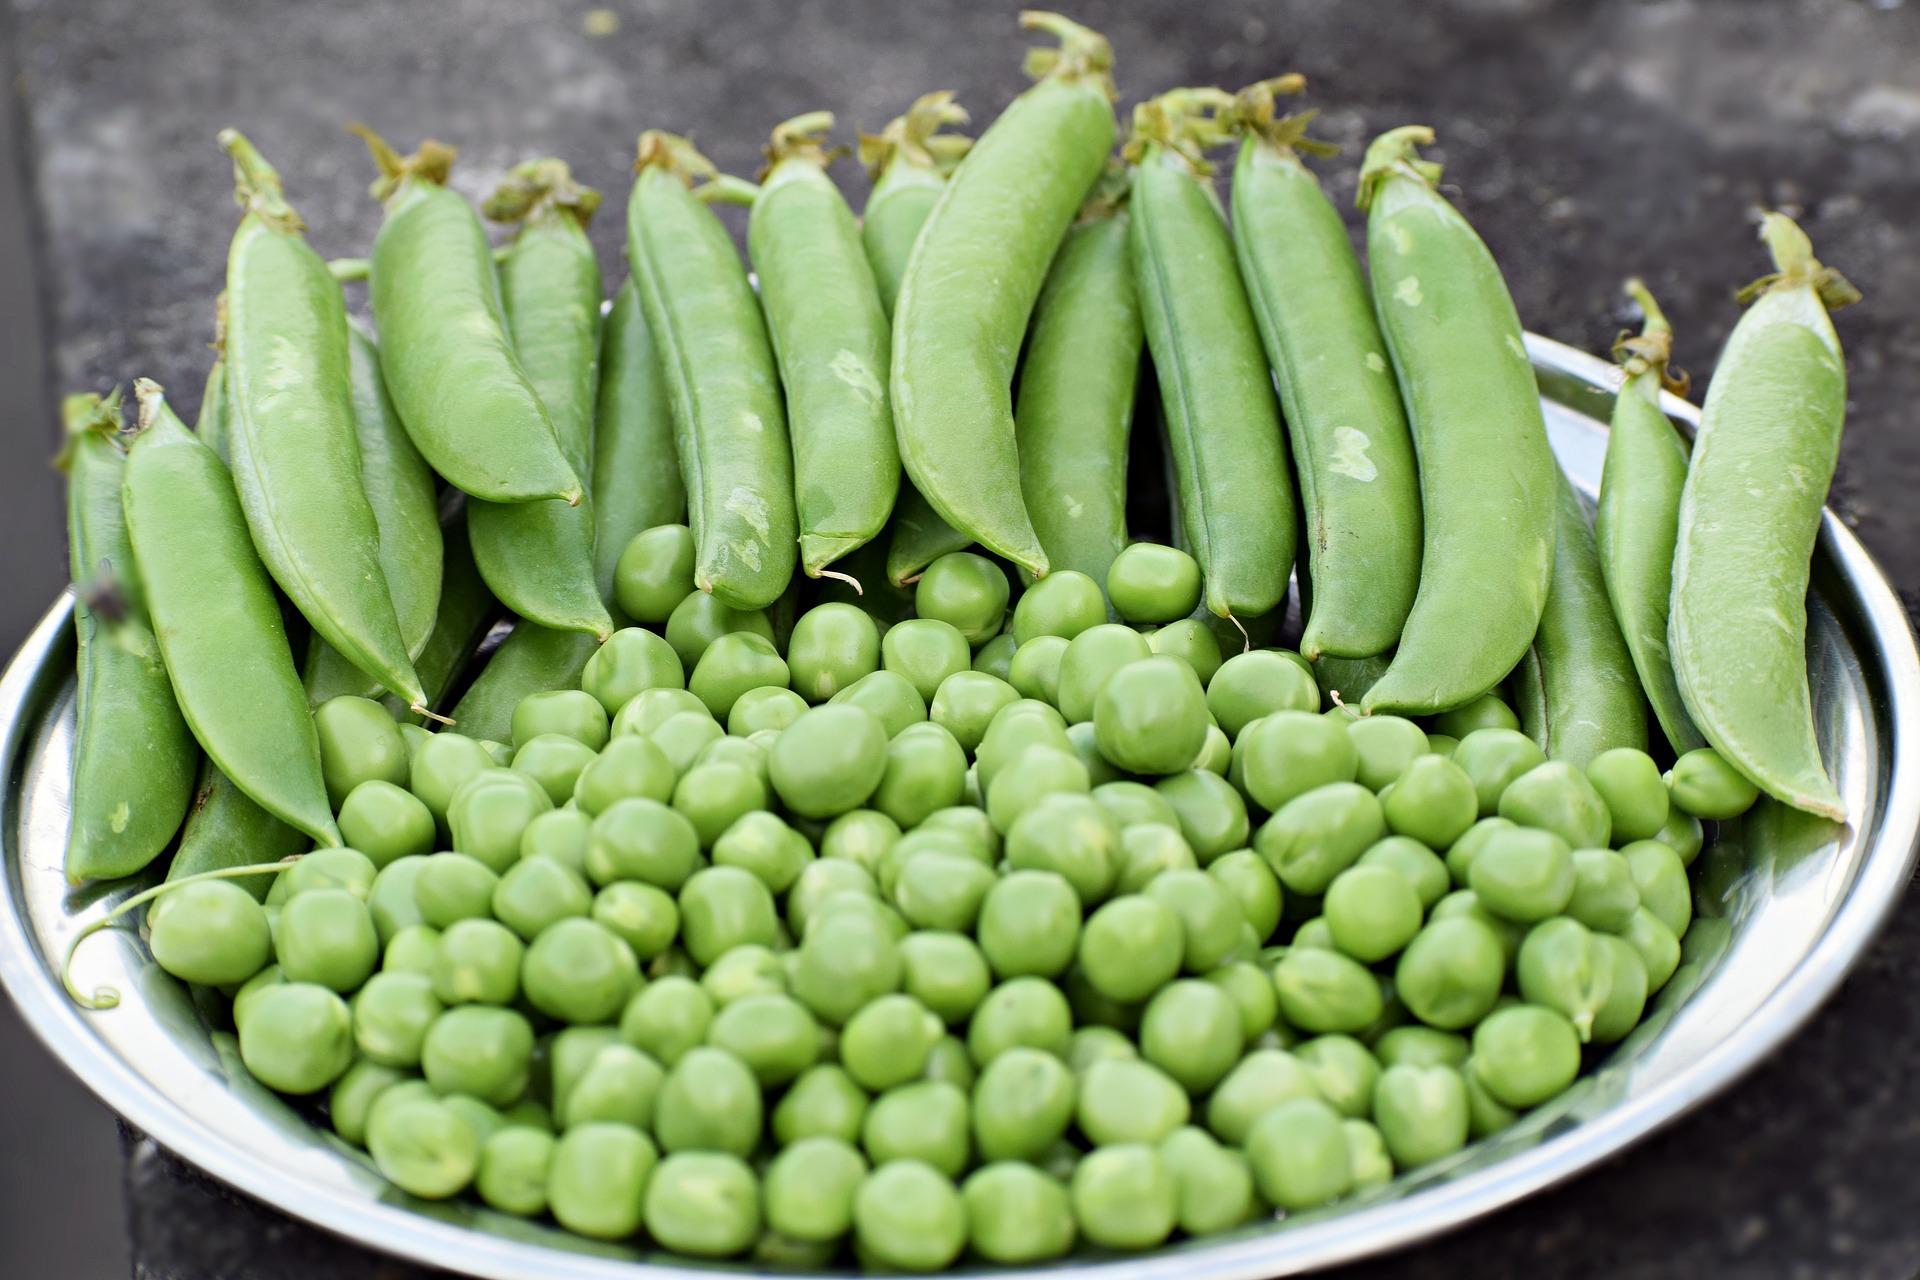 Beljakovine kot glavna sestavina prehranskih dopolnil